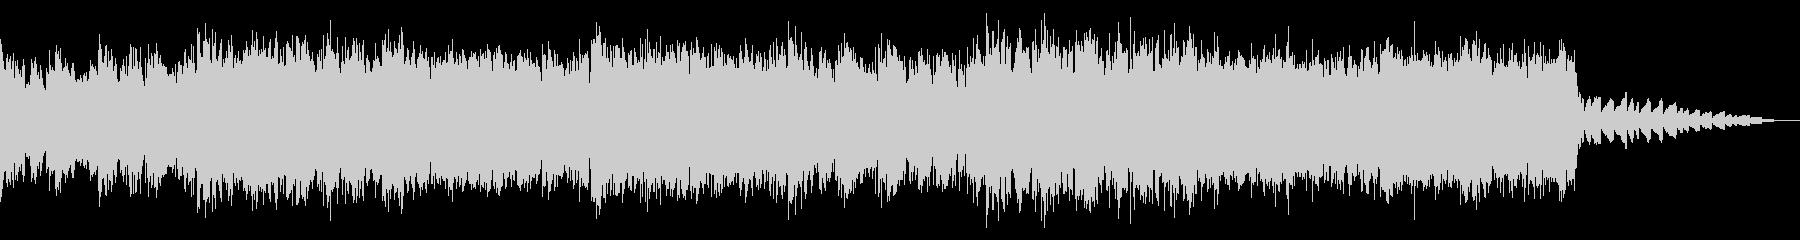 ディープなエレクトロニカ・ハウスの未再生の波形